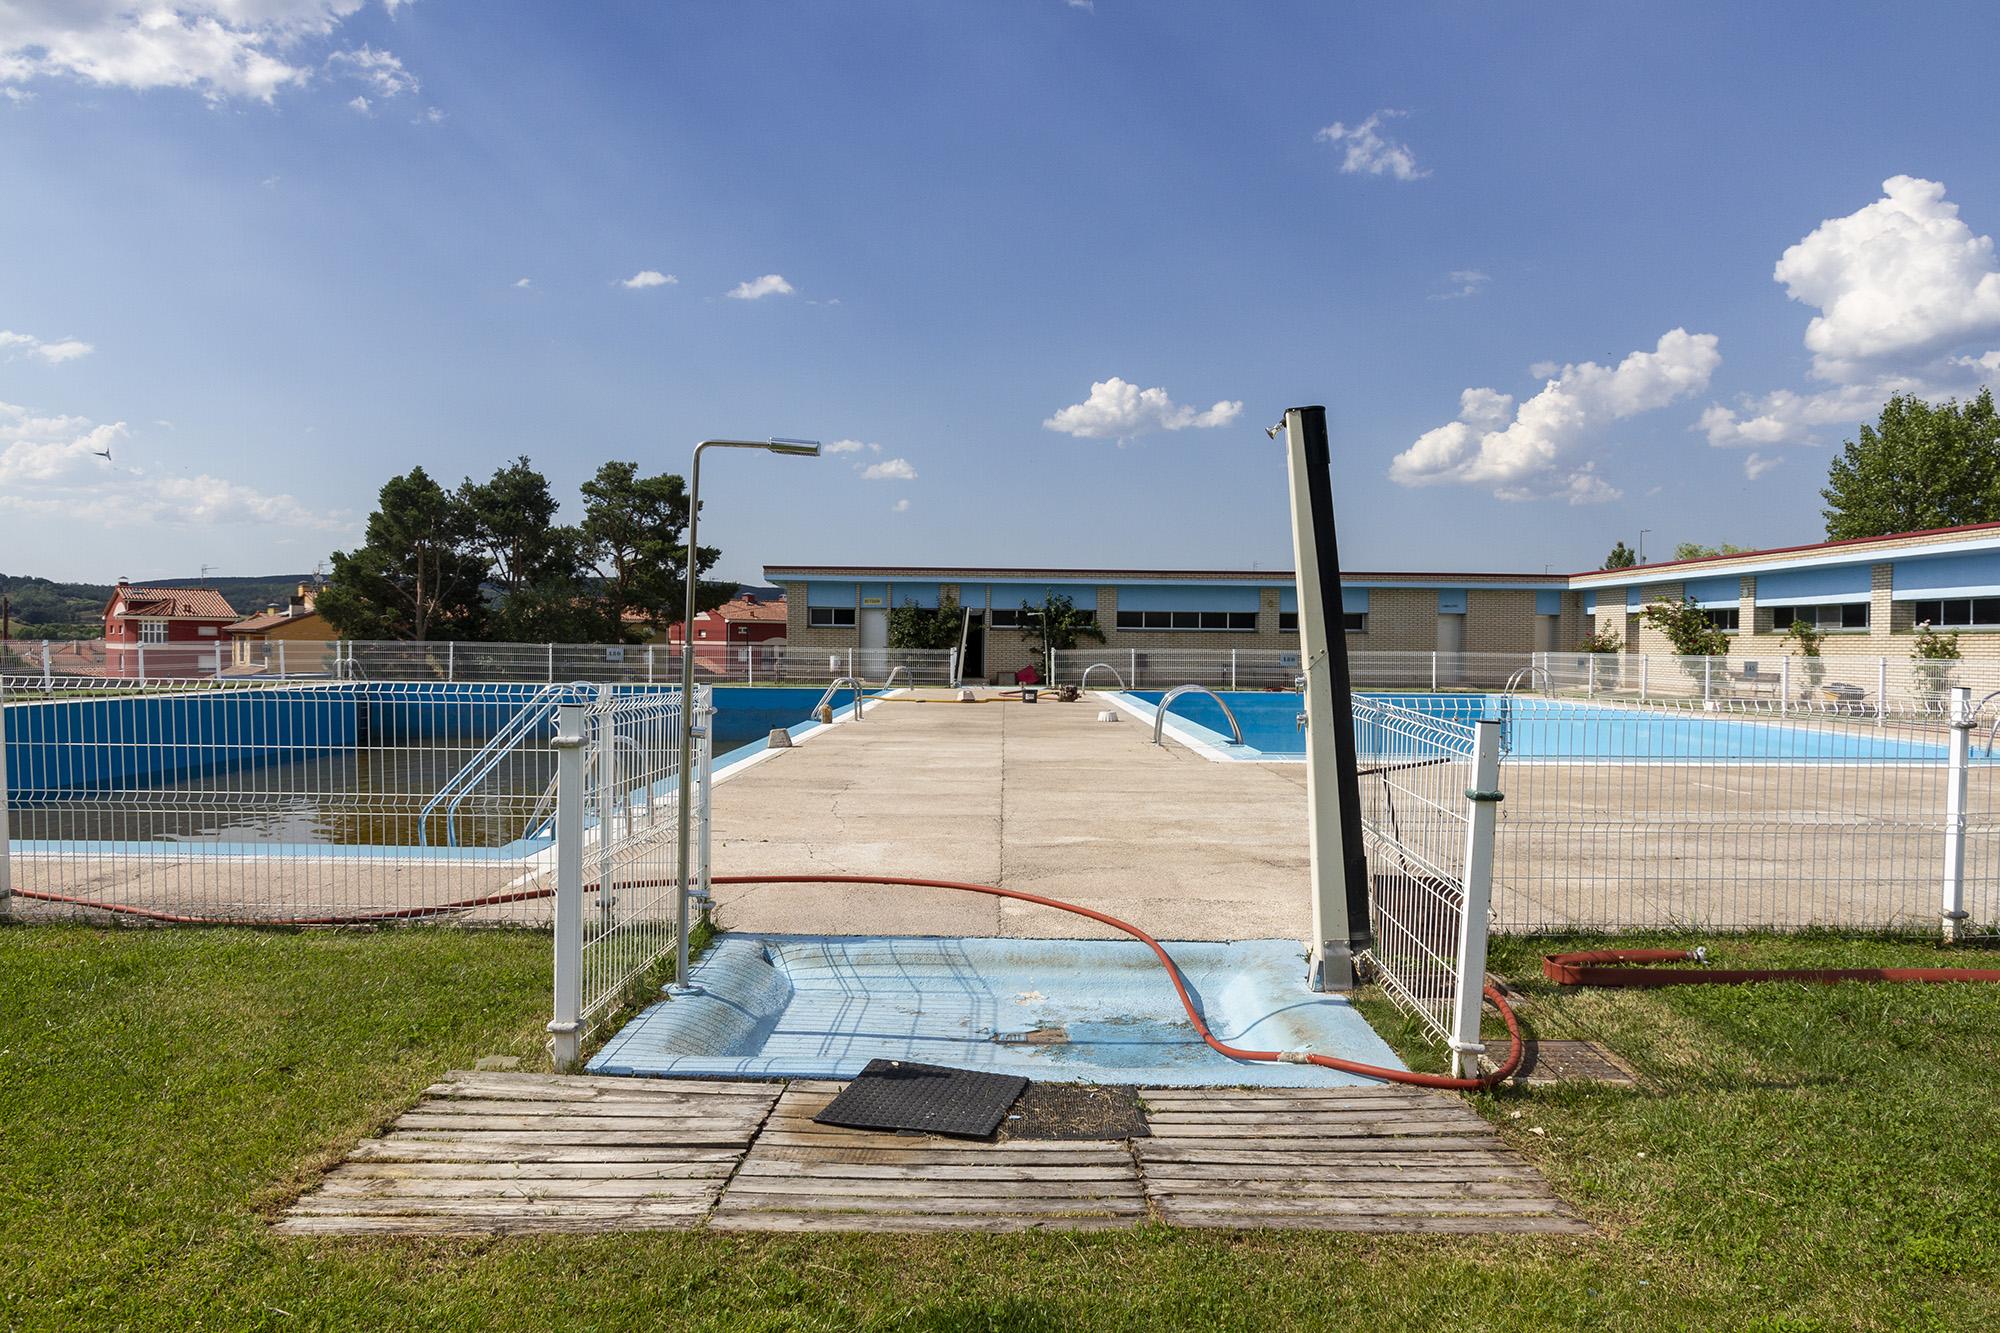 Puesta a punto de las piscinas de Salas. Fotografías: Beatriz Montero